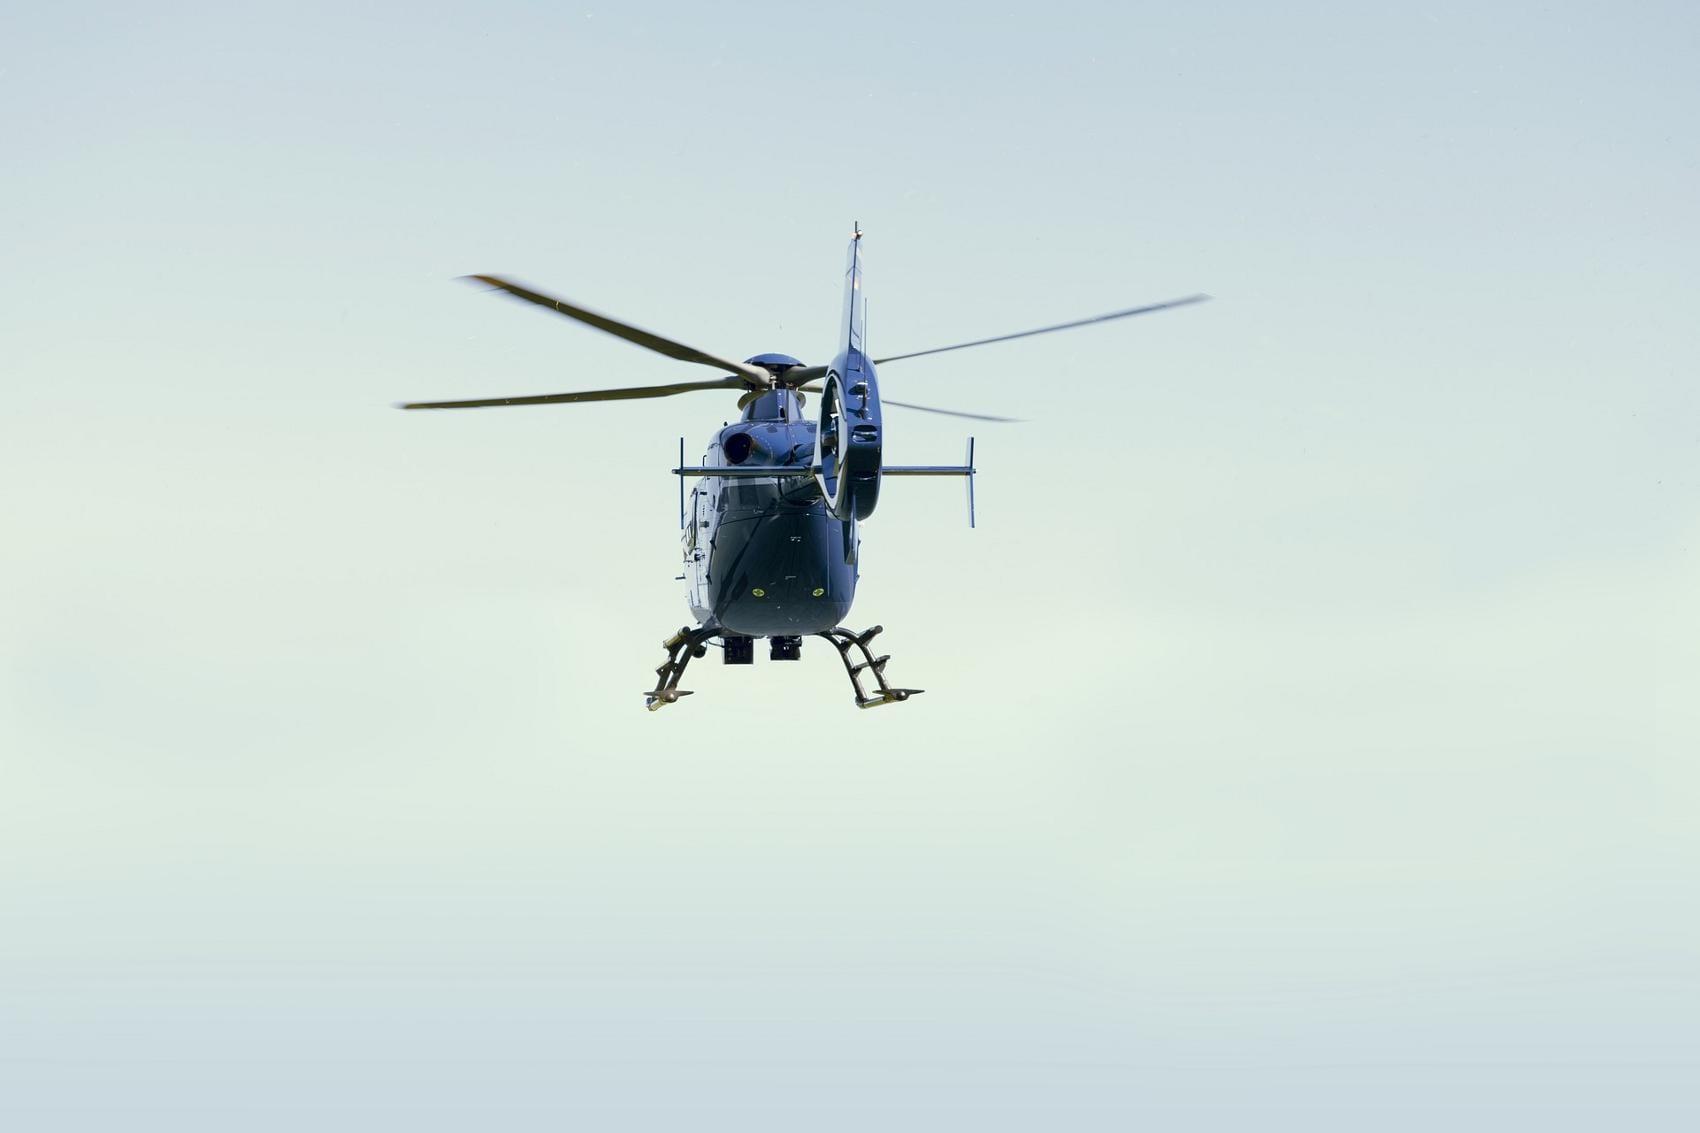 Hubschrauber Polizeihubschrauber